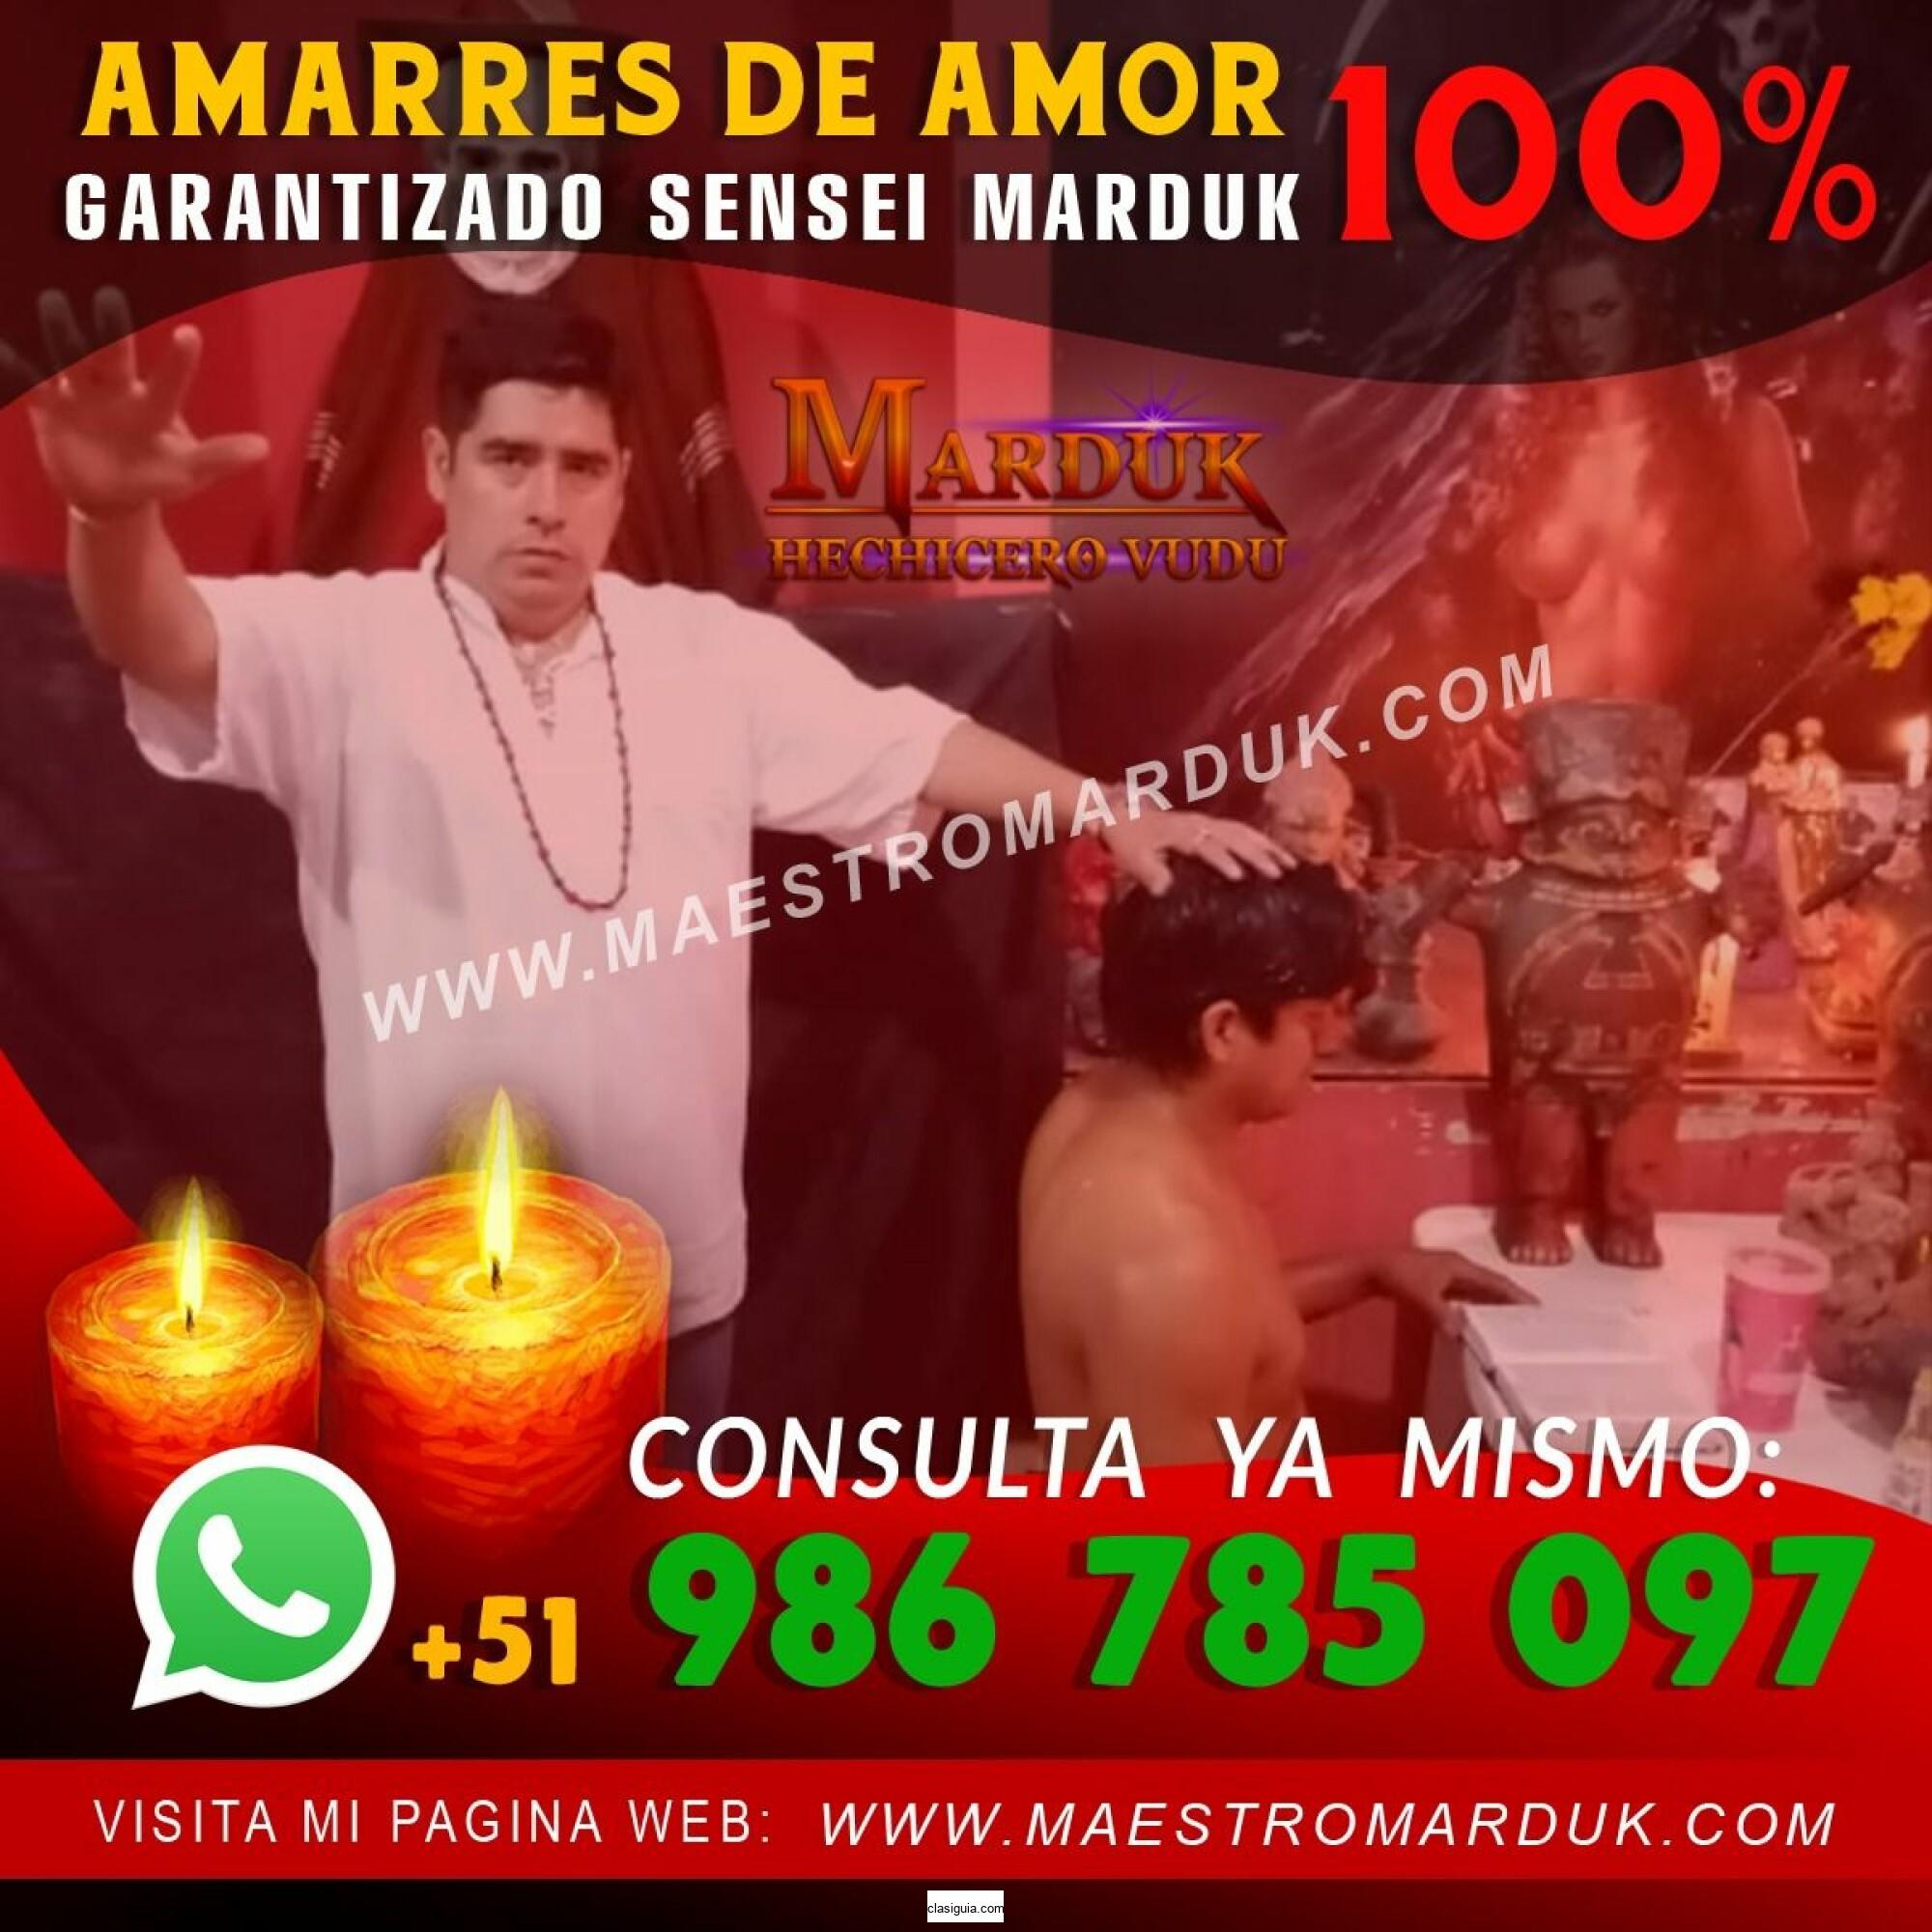 MAESTRO MARDUK (AMARRES DE AMOR EFECTIVOS)